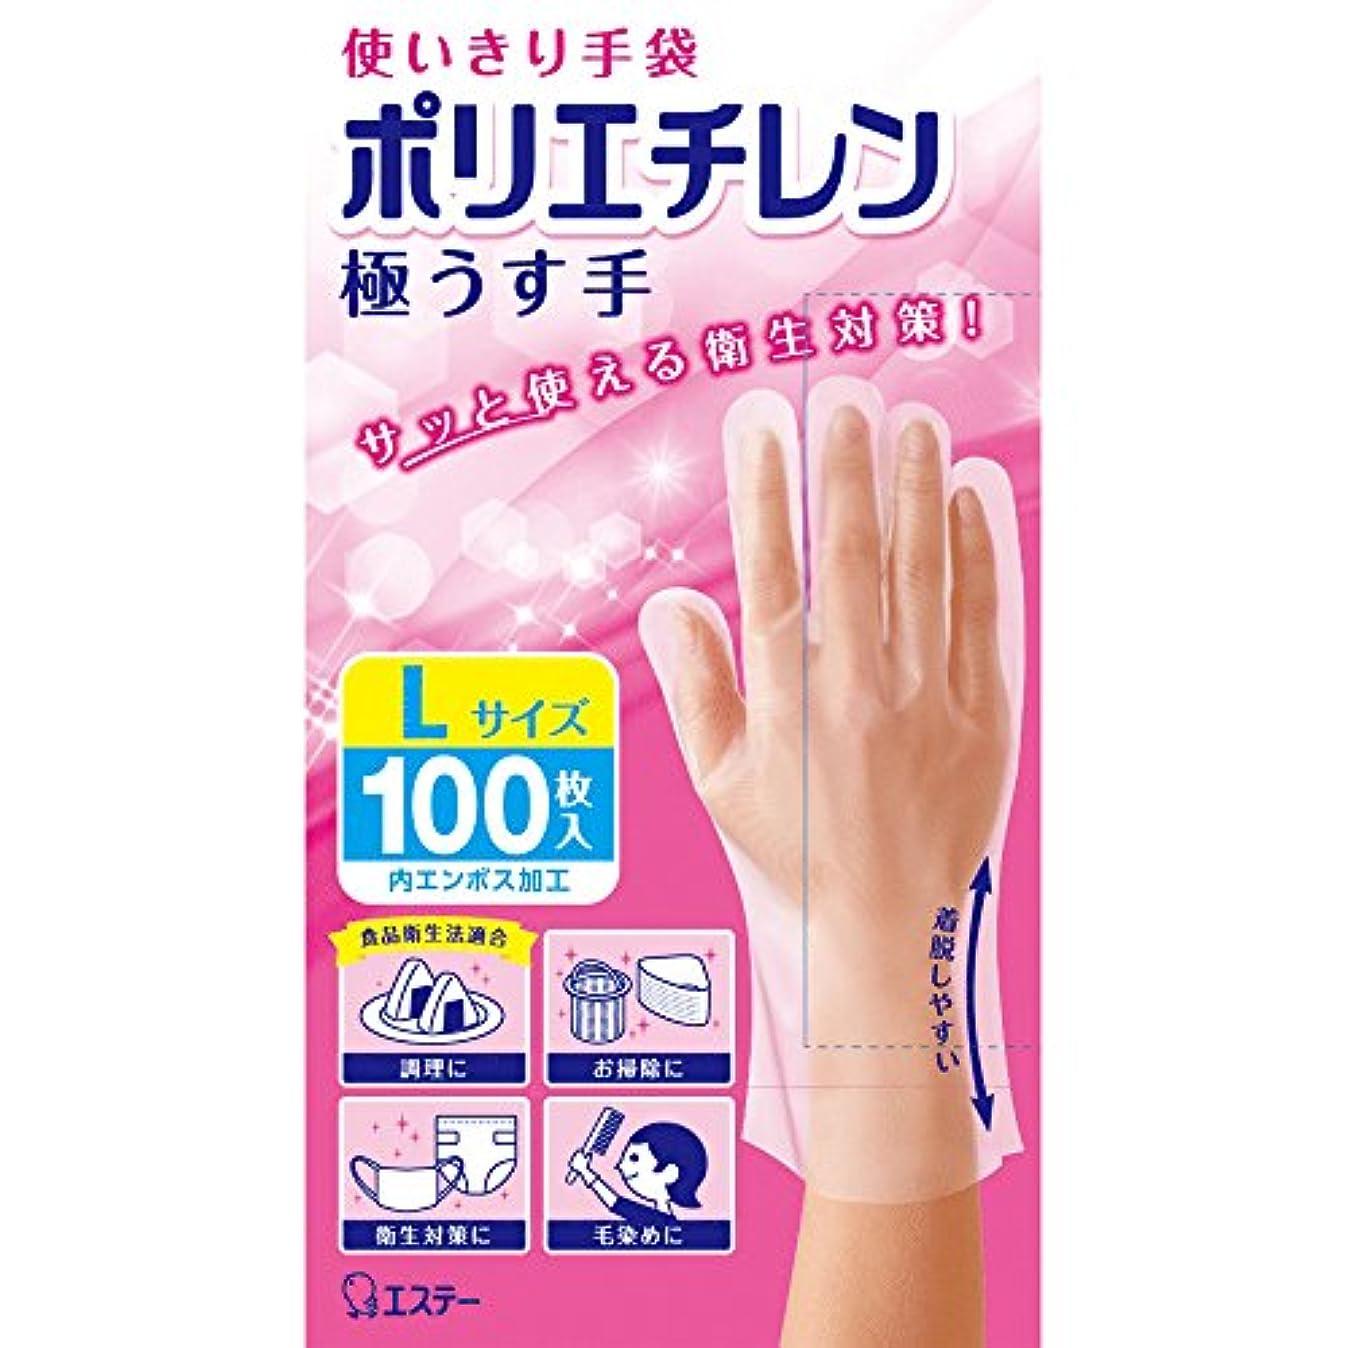 十二保証する哲学博士使いきり手袋 ポリエチレン 極うす手 Lサイズ 半透明 100枚